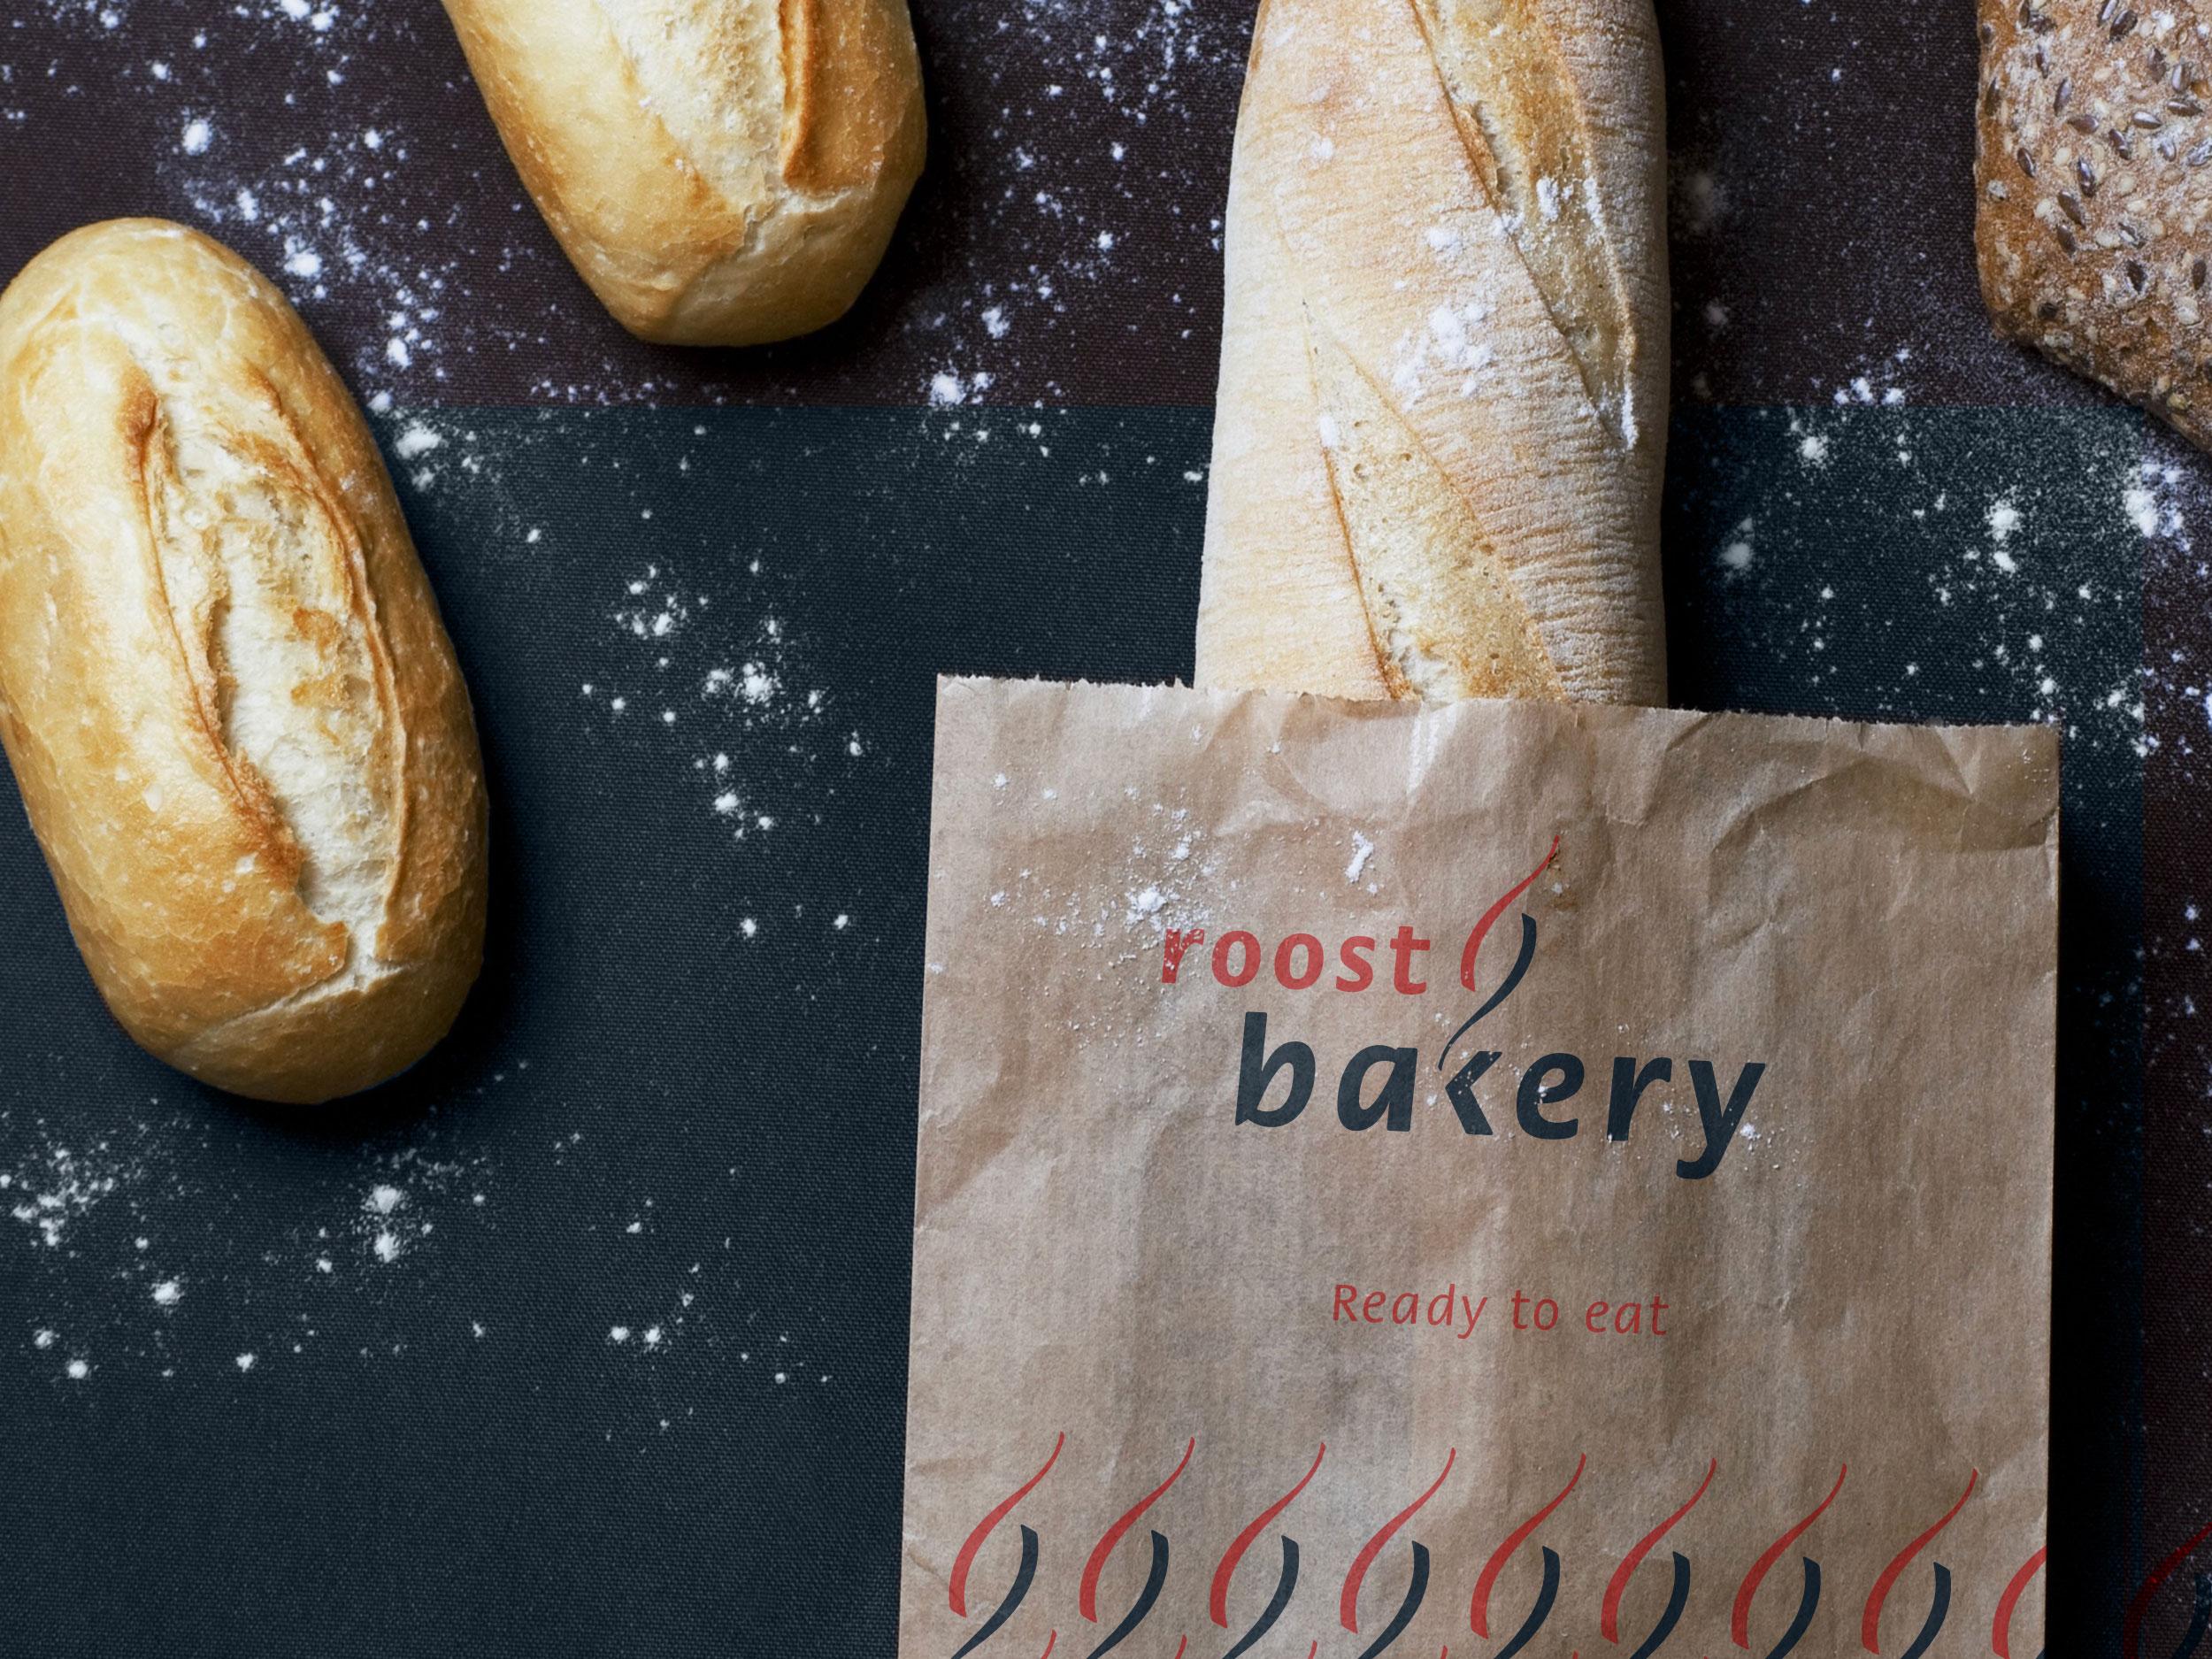 Verpakking Roost Bakery